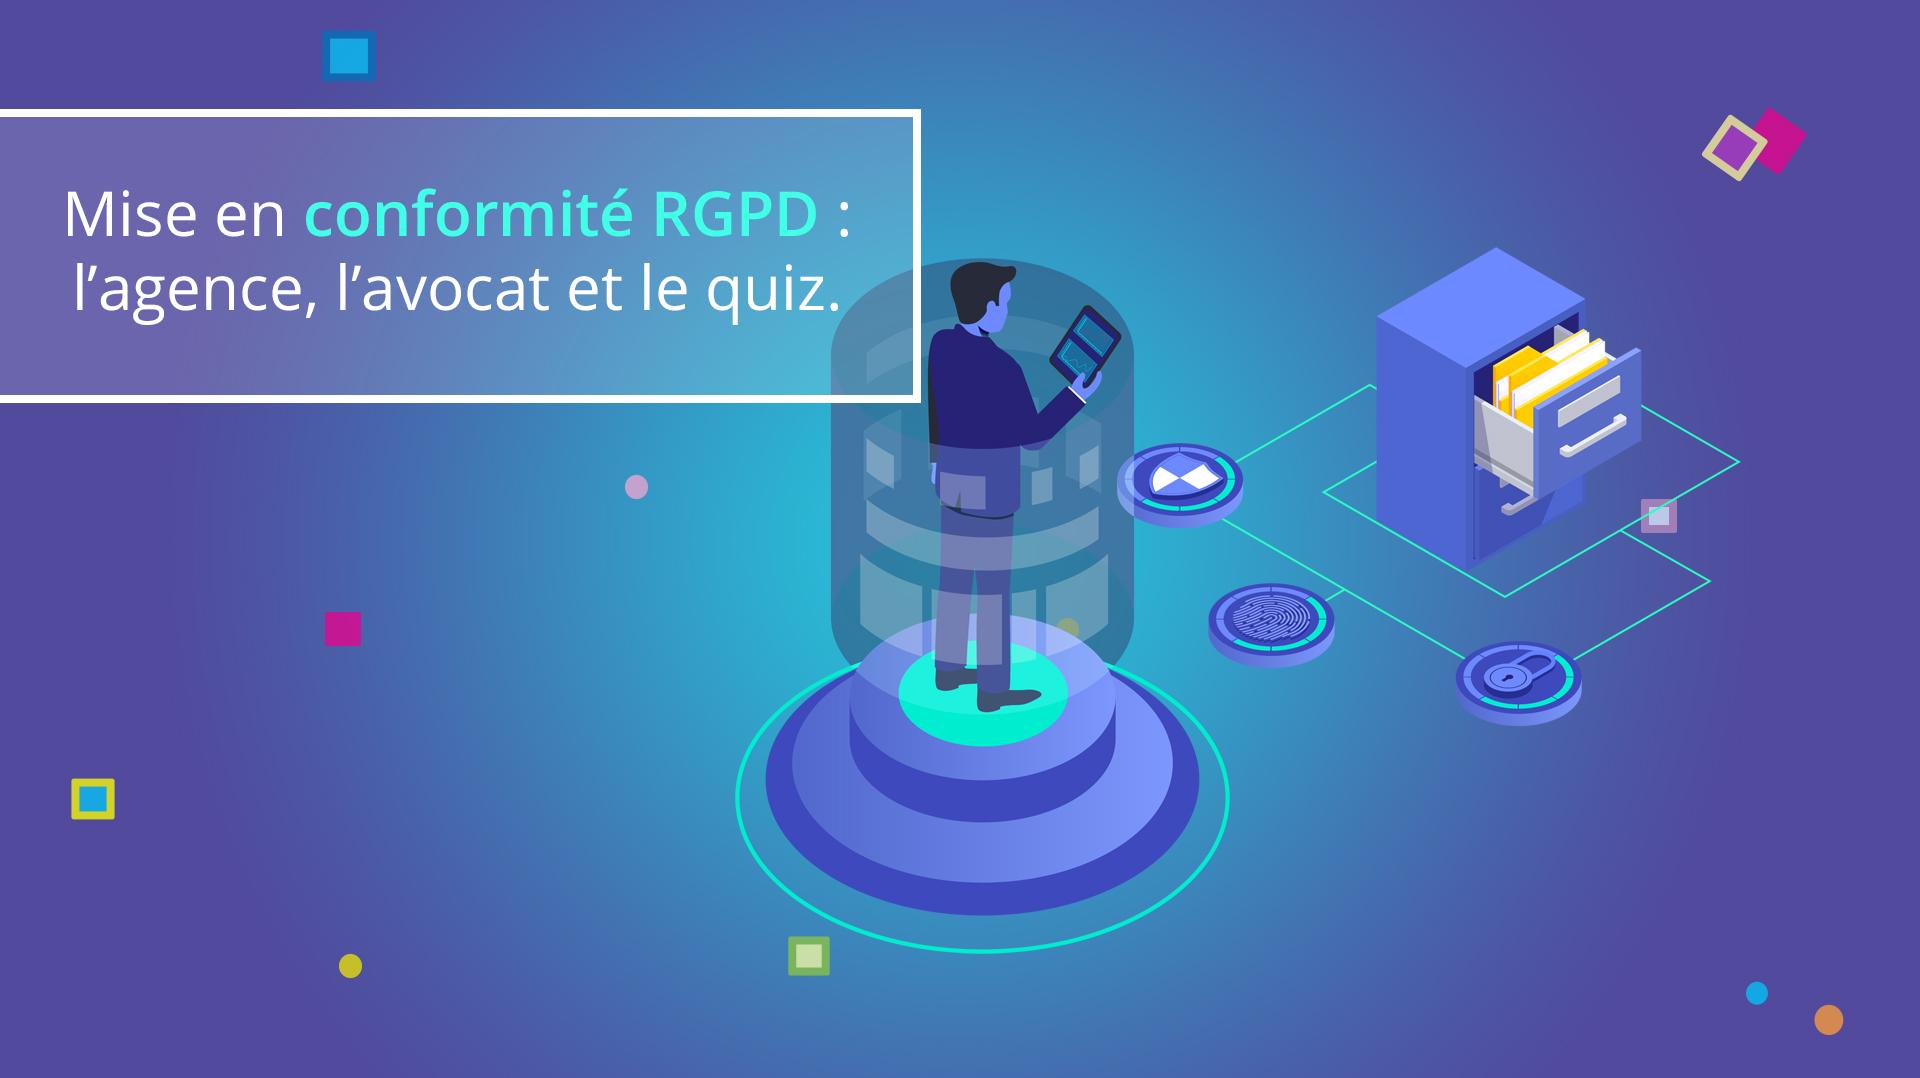 Illusatration Mise en conformité RGPD : l'agence, l'avocat et le quiz